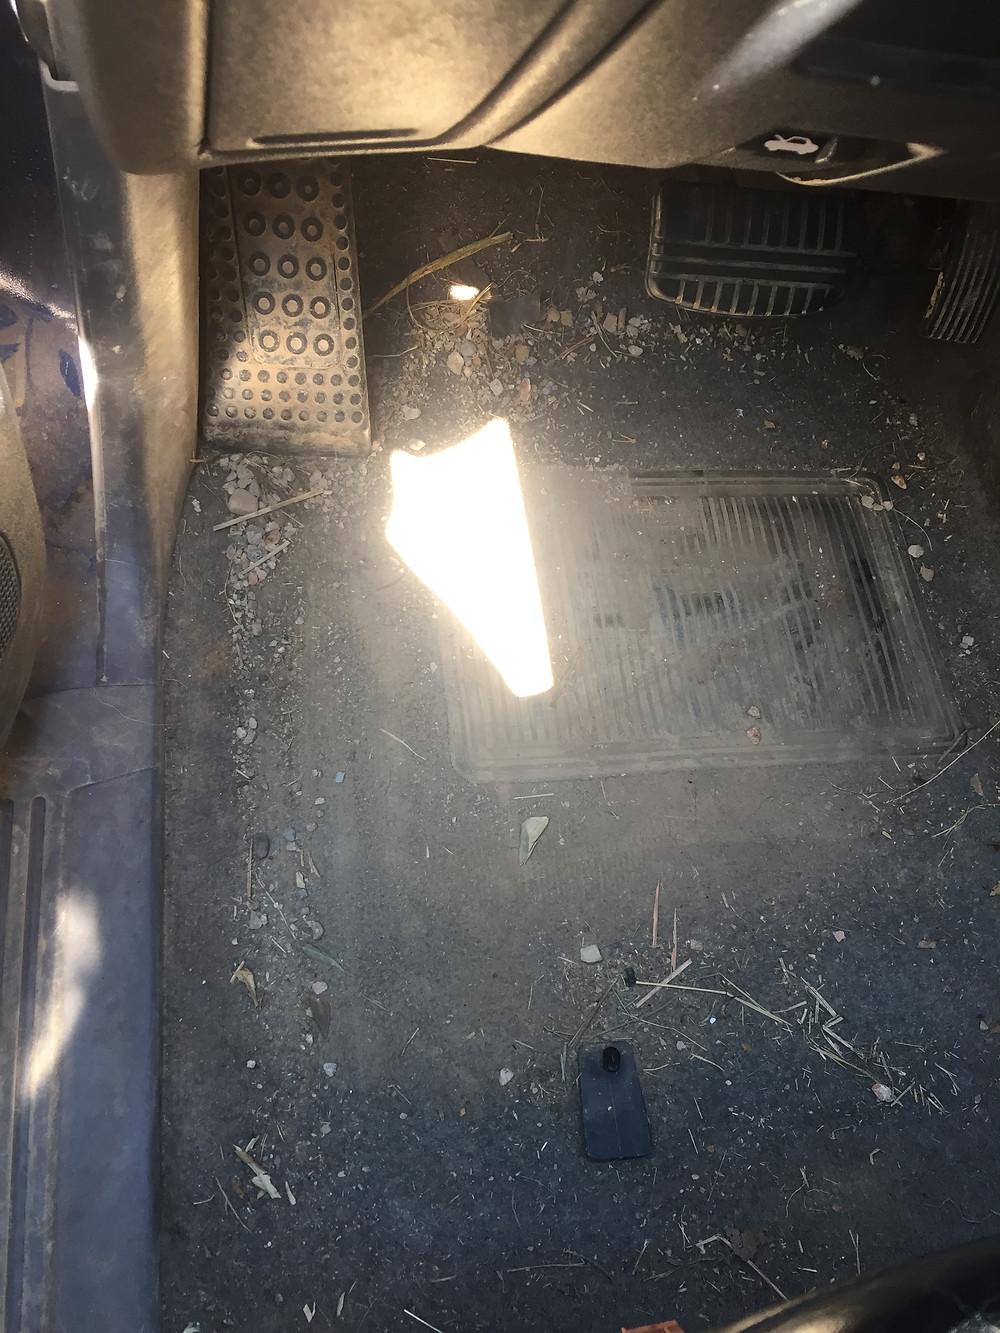 Emplacement conducteur avant nettoyage